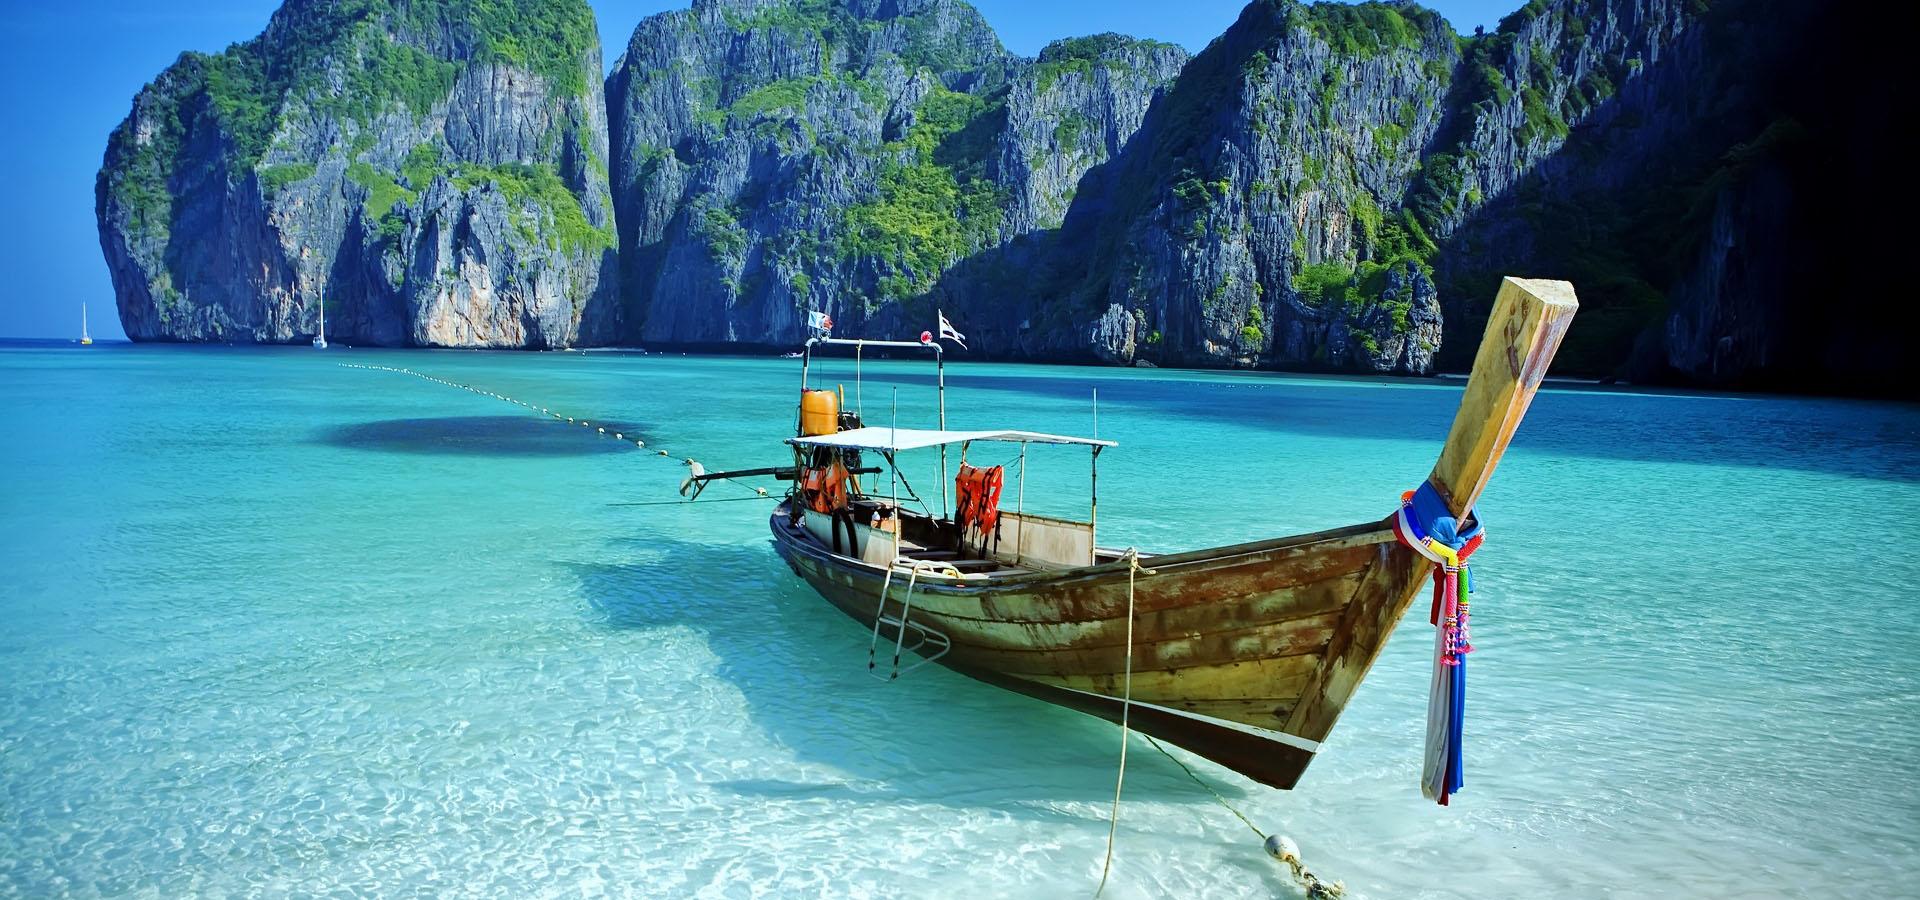 La Thailandia regolamenta il mercato delle criptovalute e delle ICO e concede la licenza per gli operatori di mercato - La Thailandia regolamenta il mercato delle criptovalute e delle ICO e concede la licenza per gli operatori di mercato